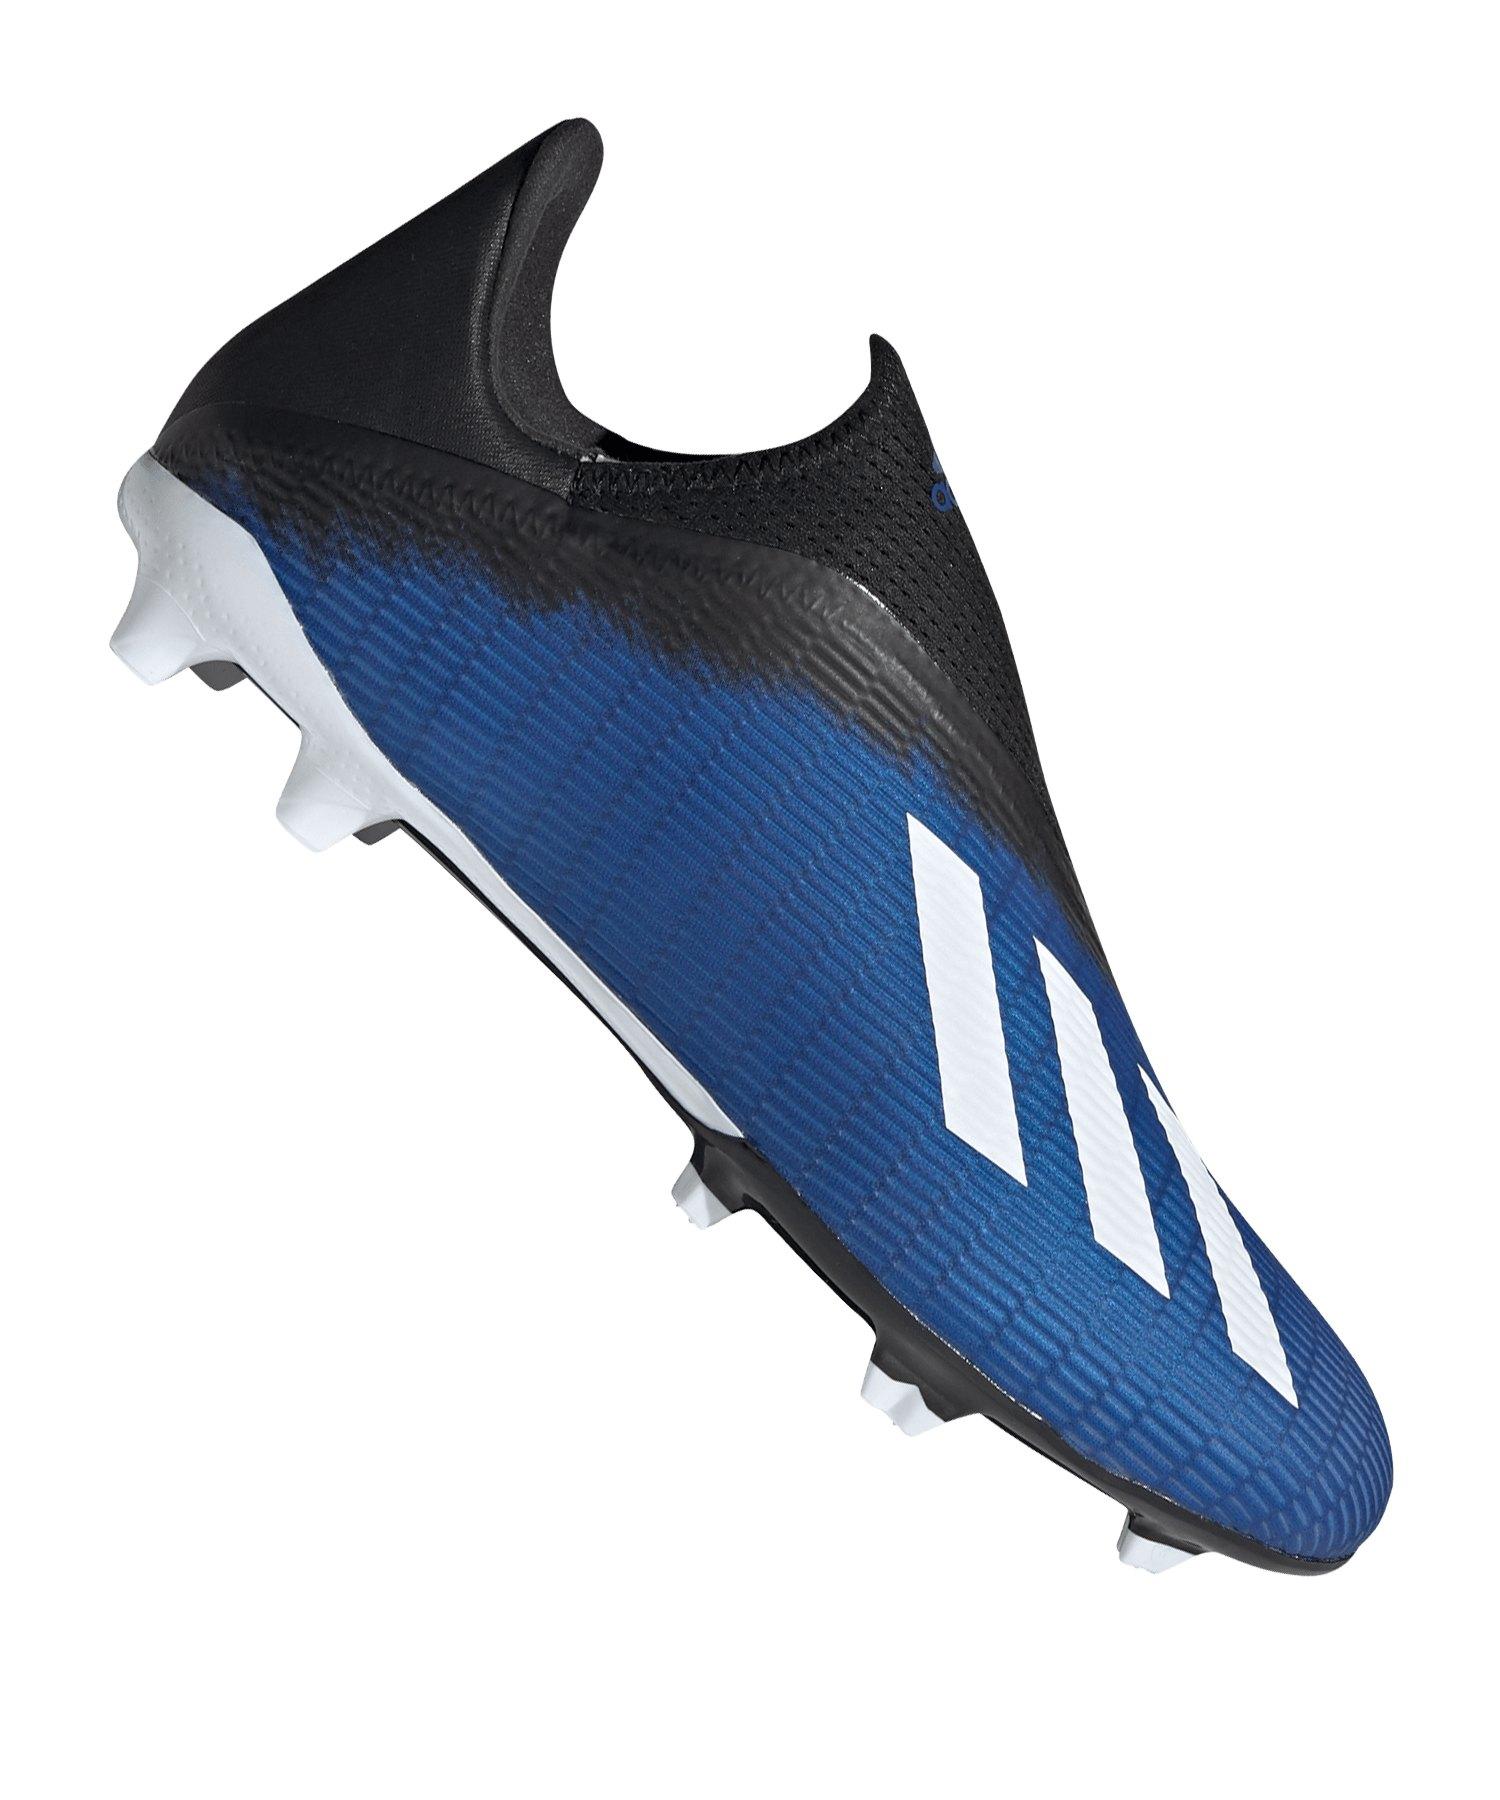 adidas X 19.3 LL FG Blau Schwarz - blau